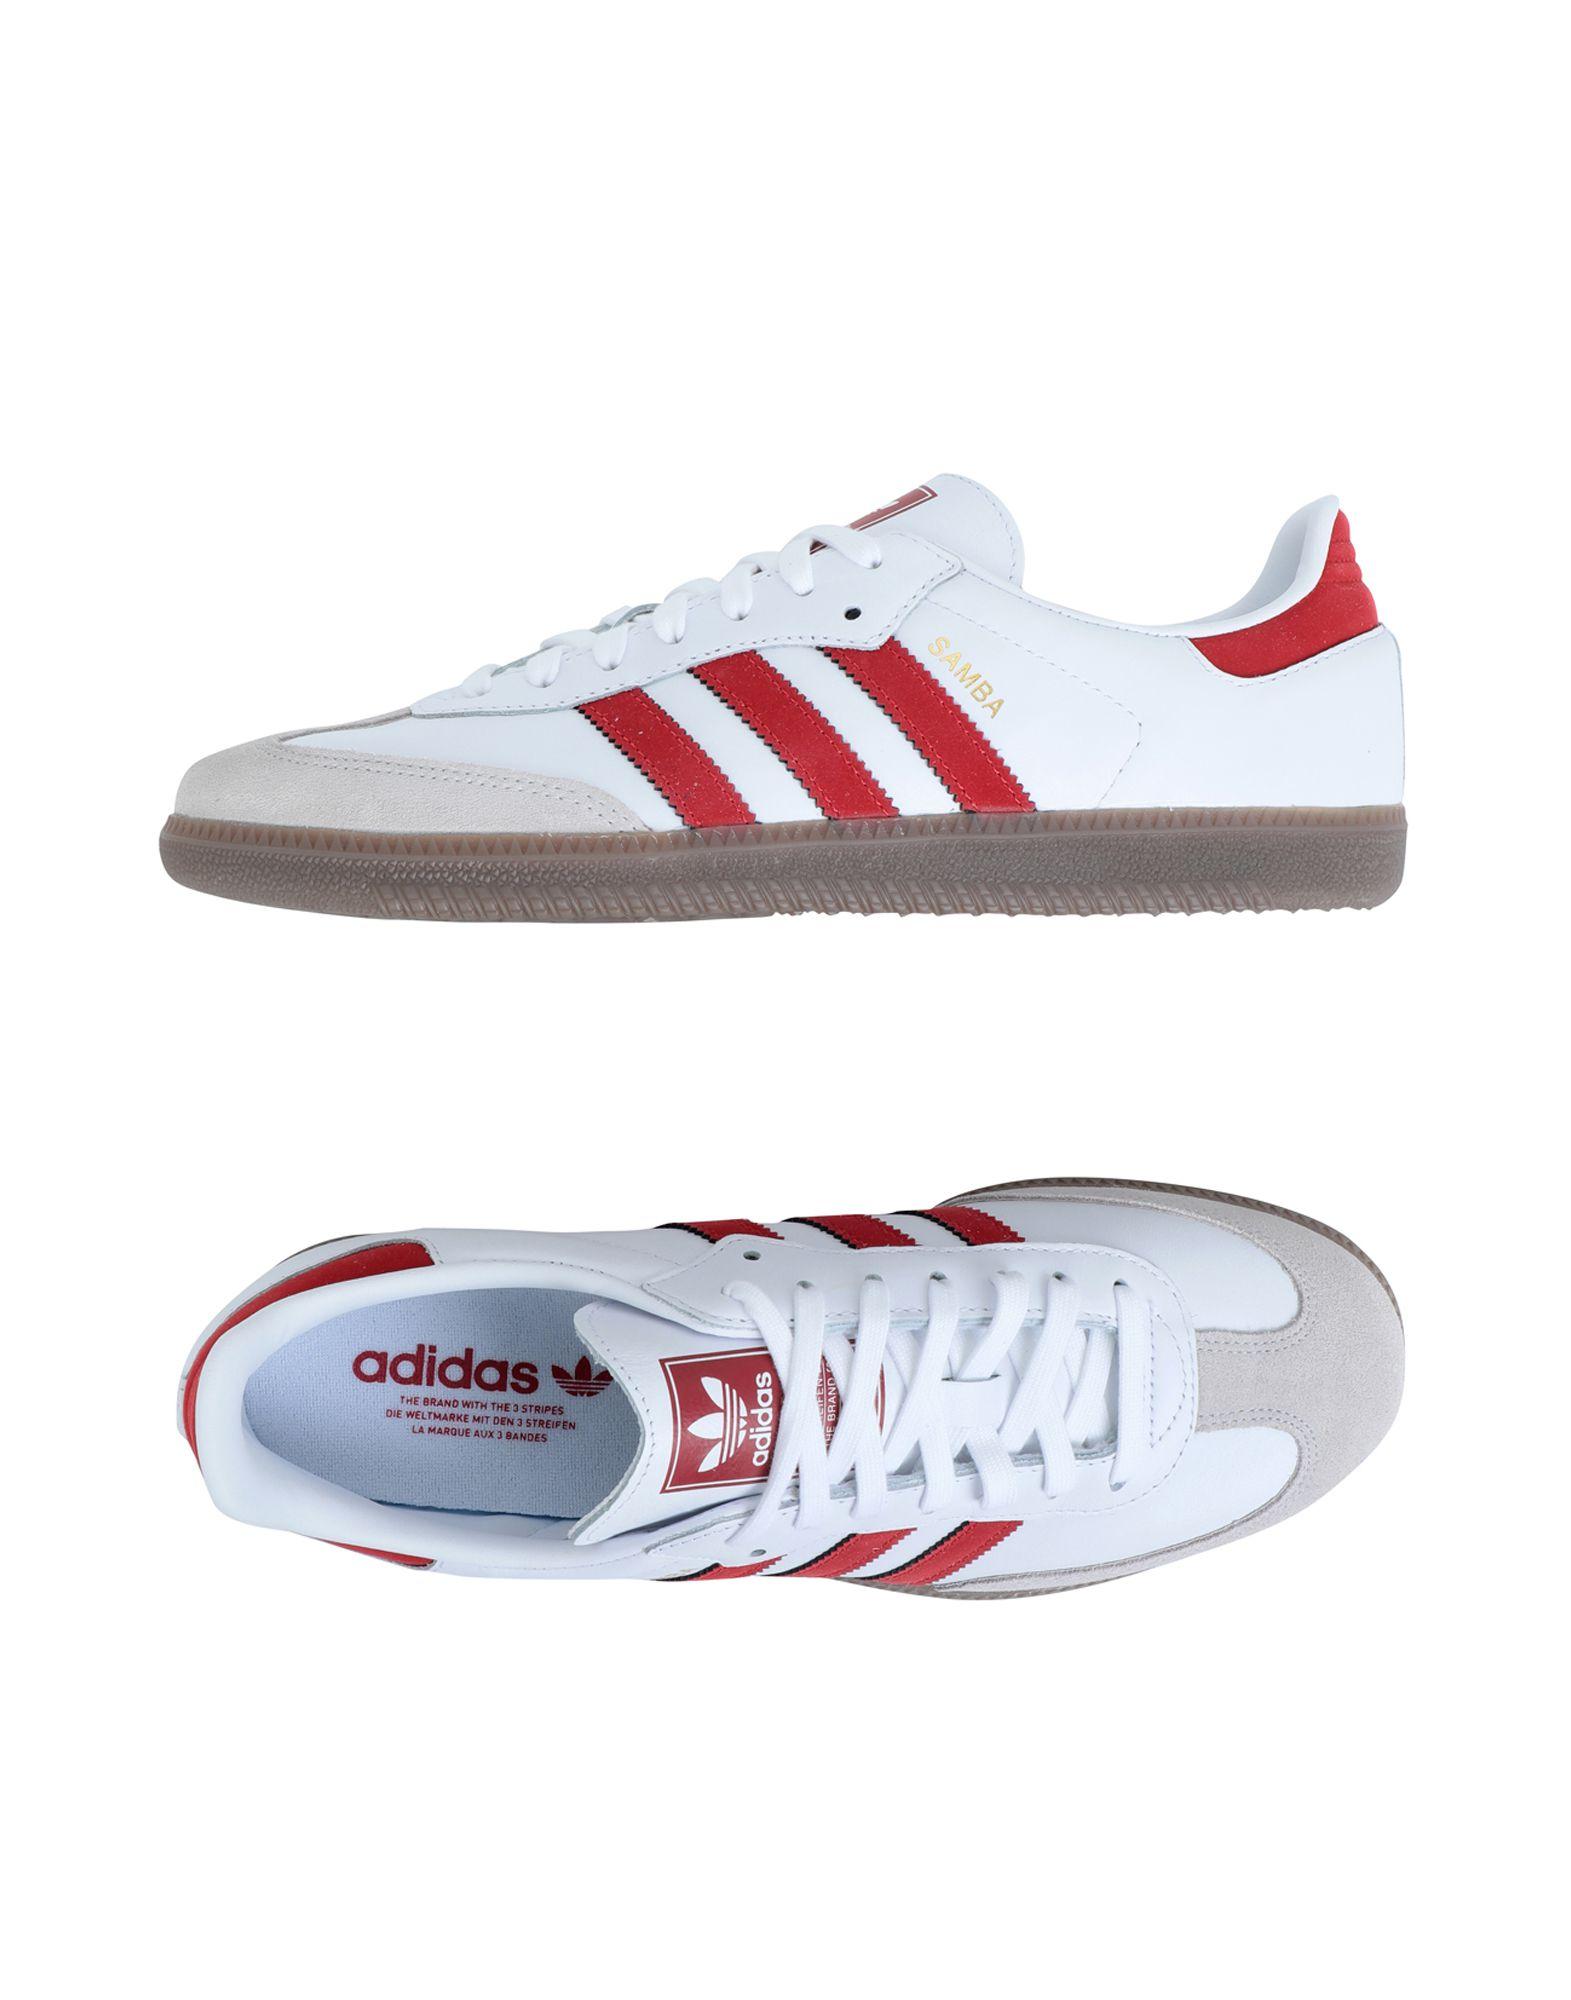 Adidas Originals Samba Og sich Gutes Preis-Leistungs-Verhältnis, es lohnt sich Og 1e60d9